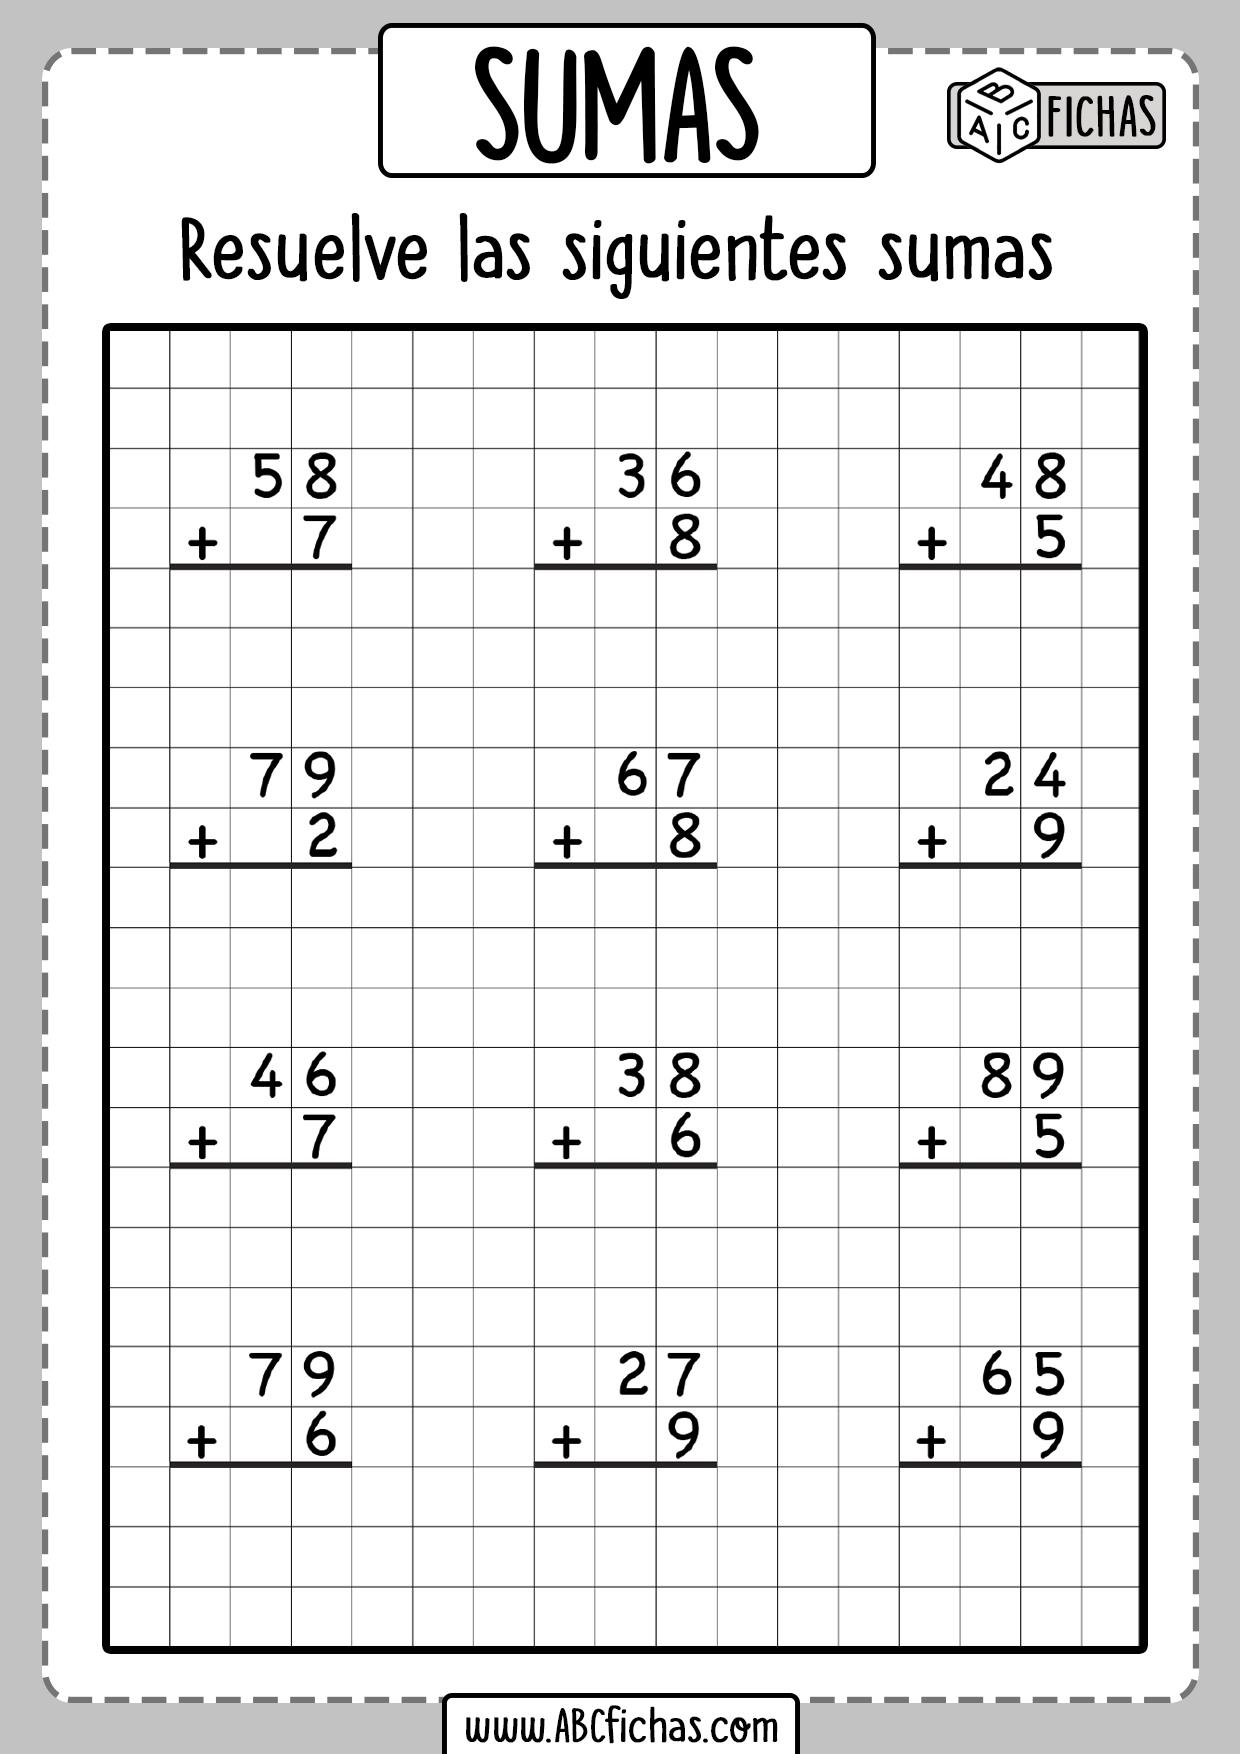 Fichas de sumas para niños de primaria